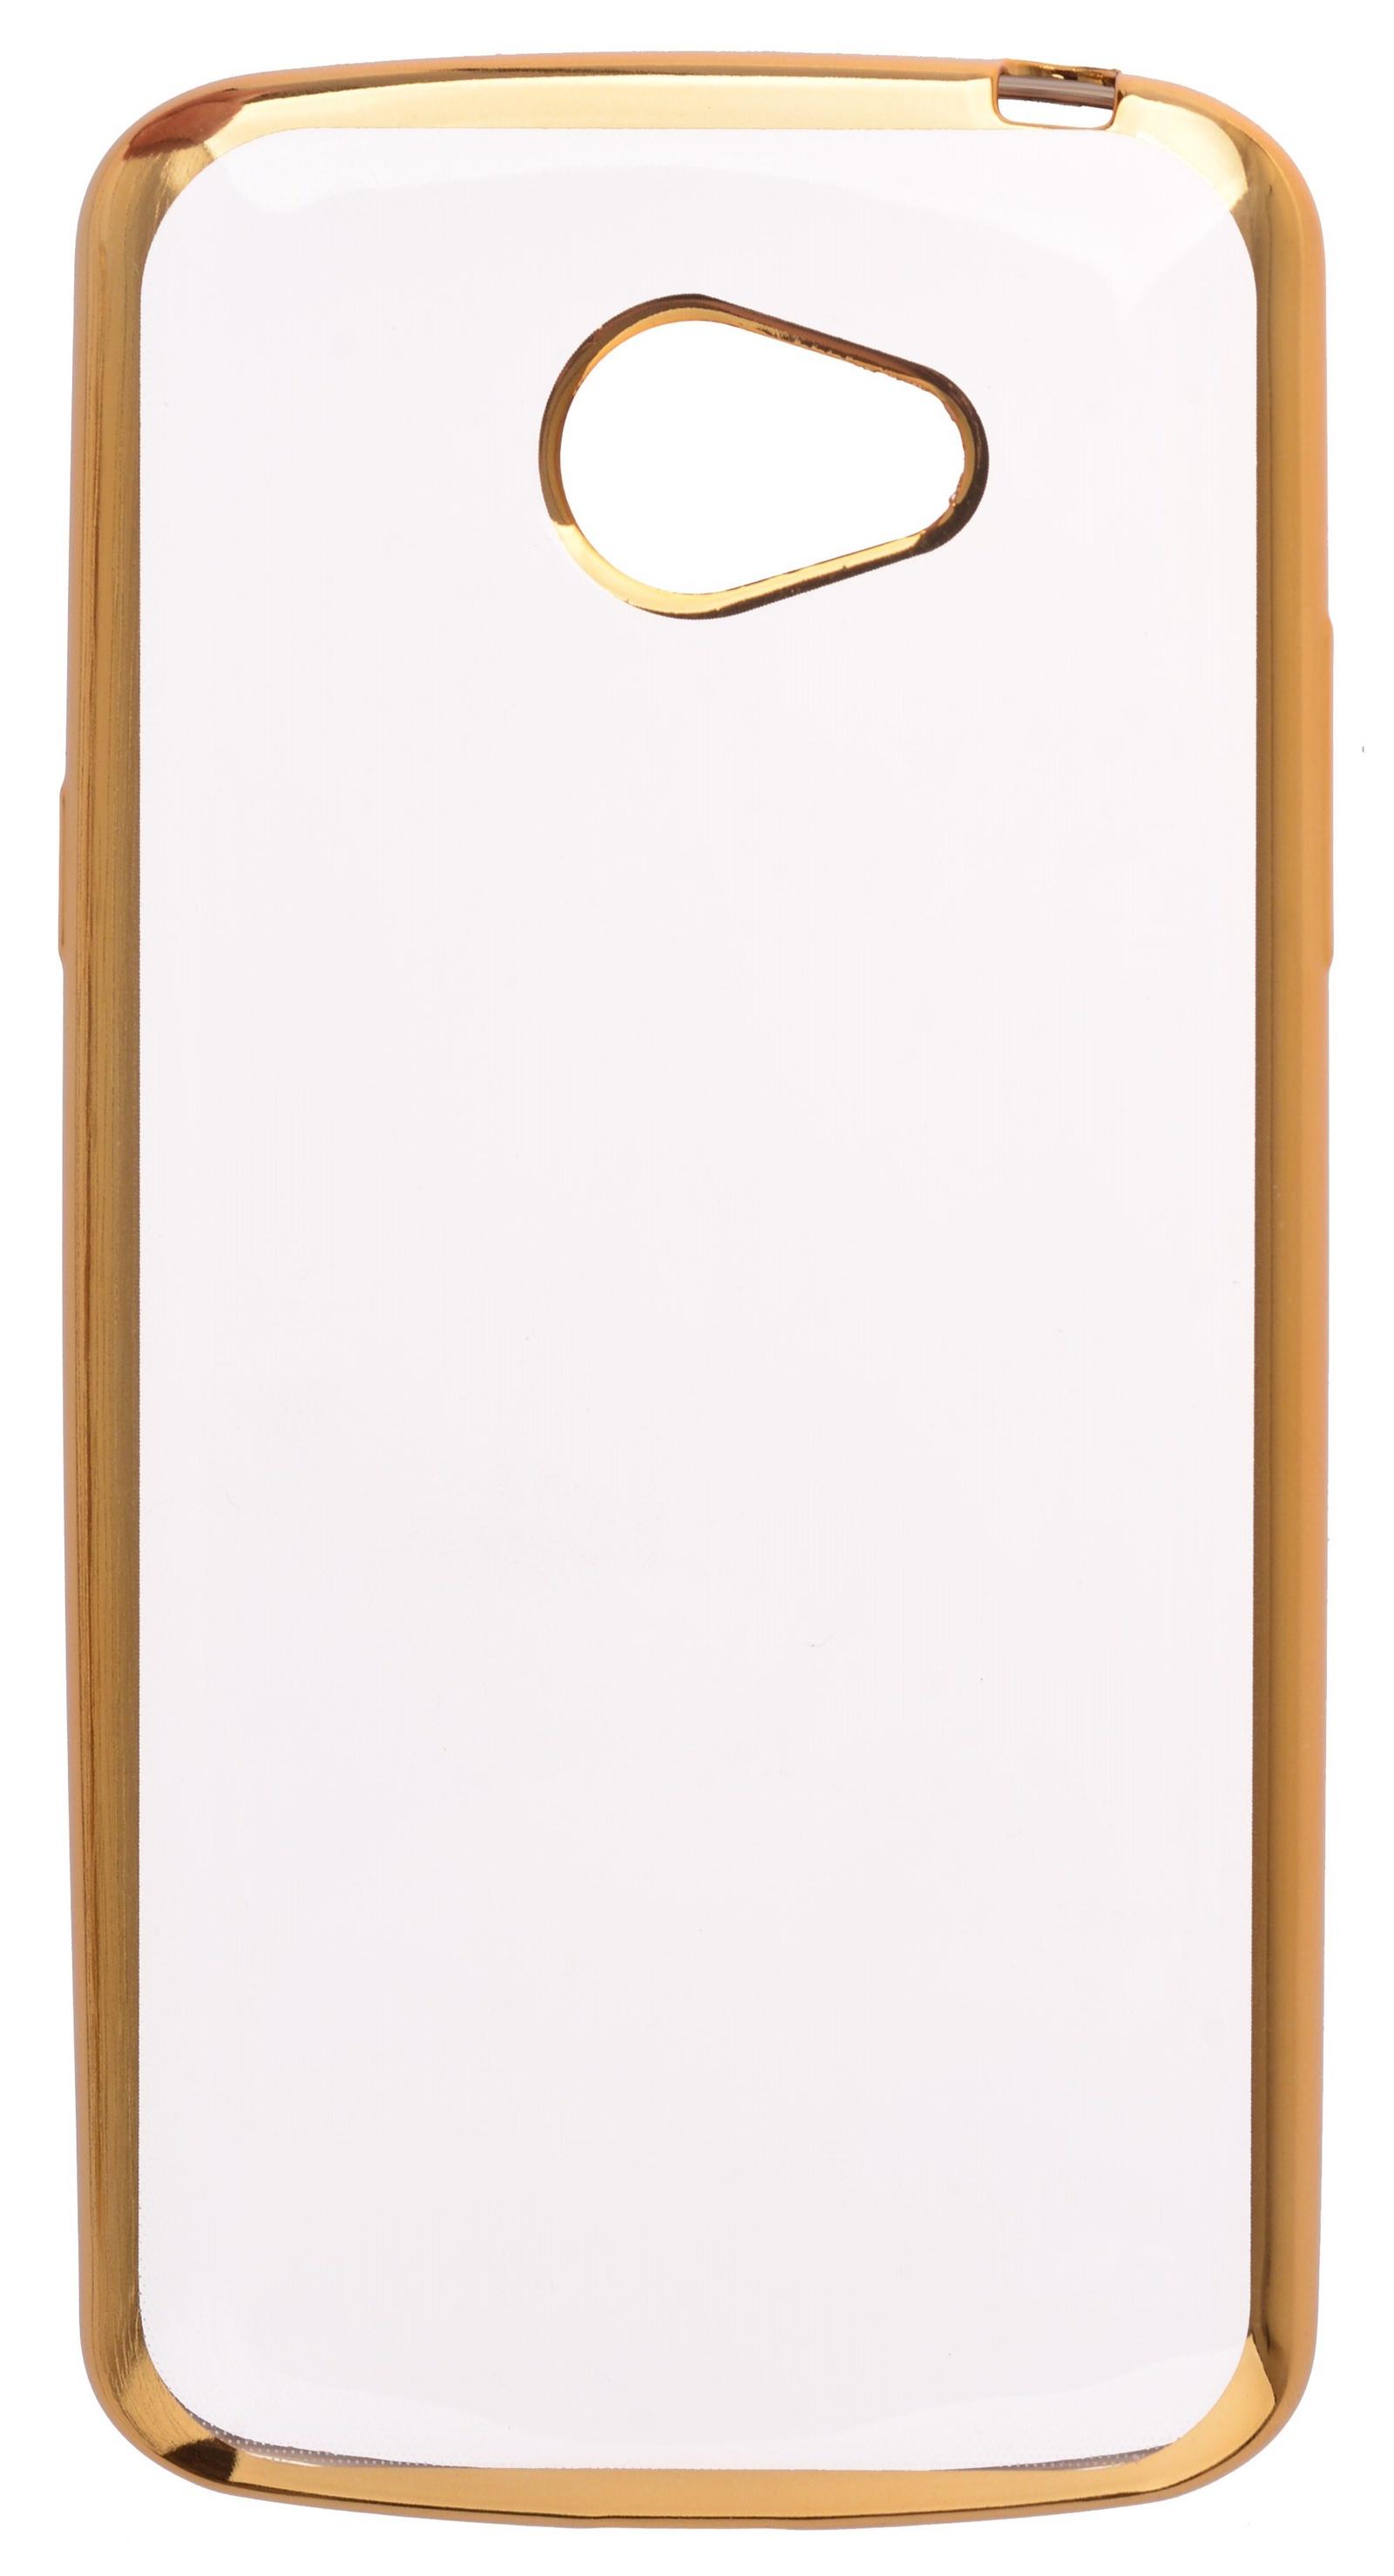 Чехол для сотового телефона skinBOX Silicone chrome border, 4630042529298, золотой цена и фото